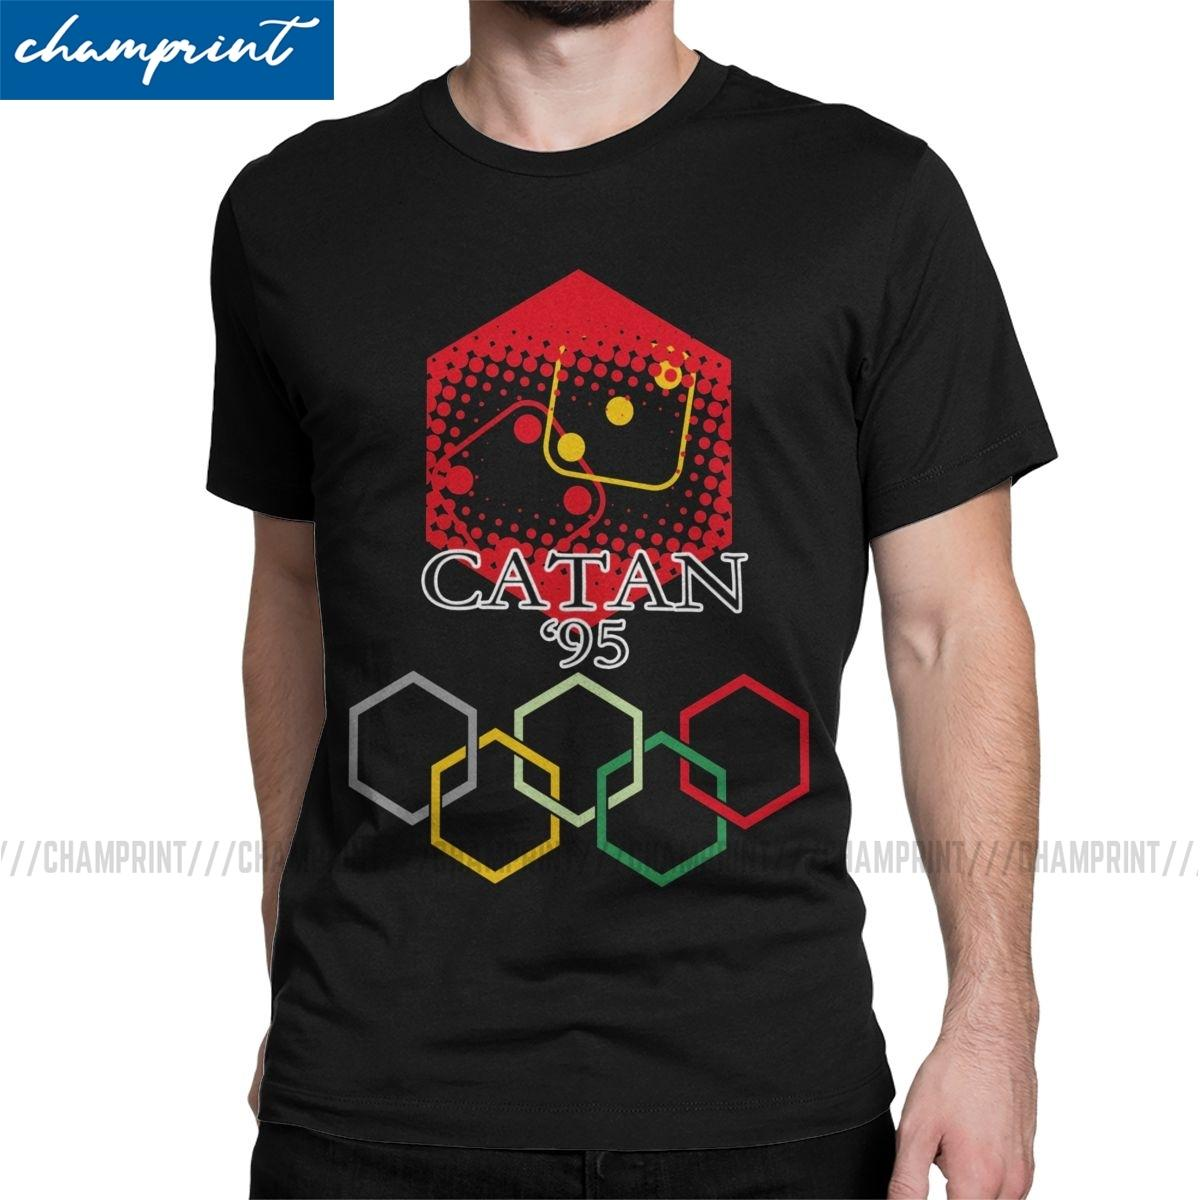 Catan Uomini T Shirts Coloni di Catan gioco Vintage Tee T-shirt o collo T-shirt puro cotone delle parti superiori Classic